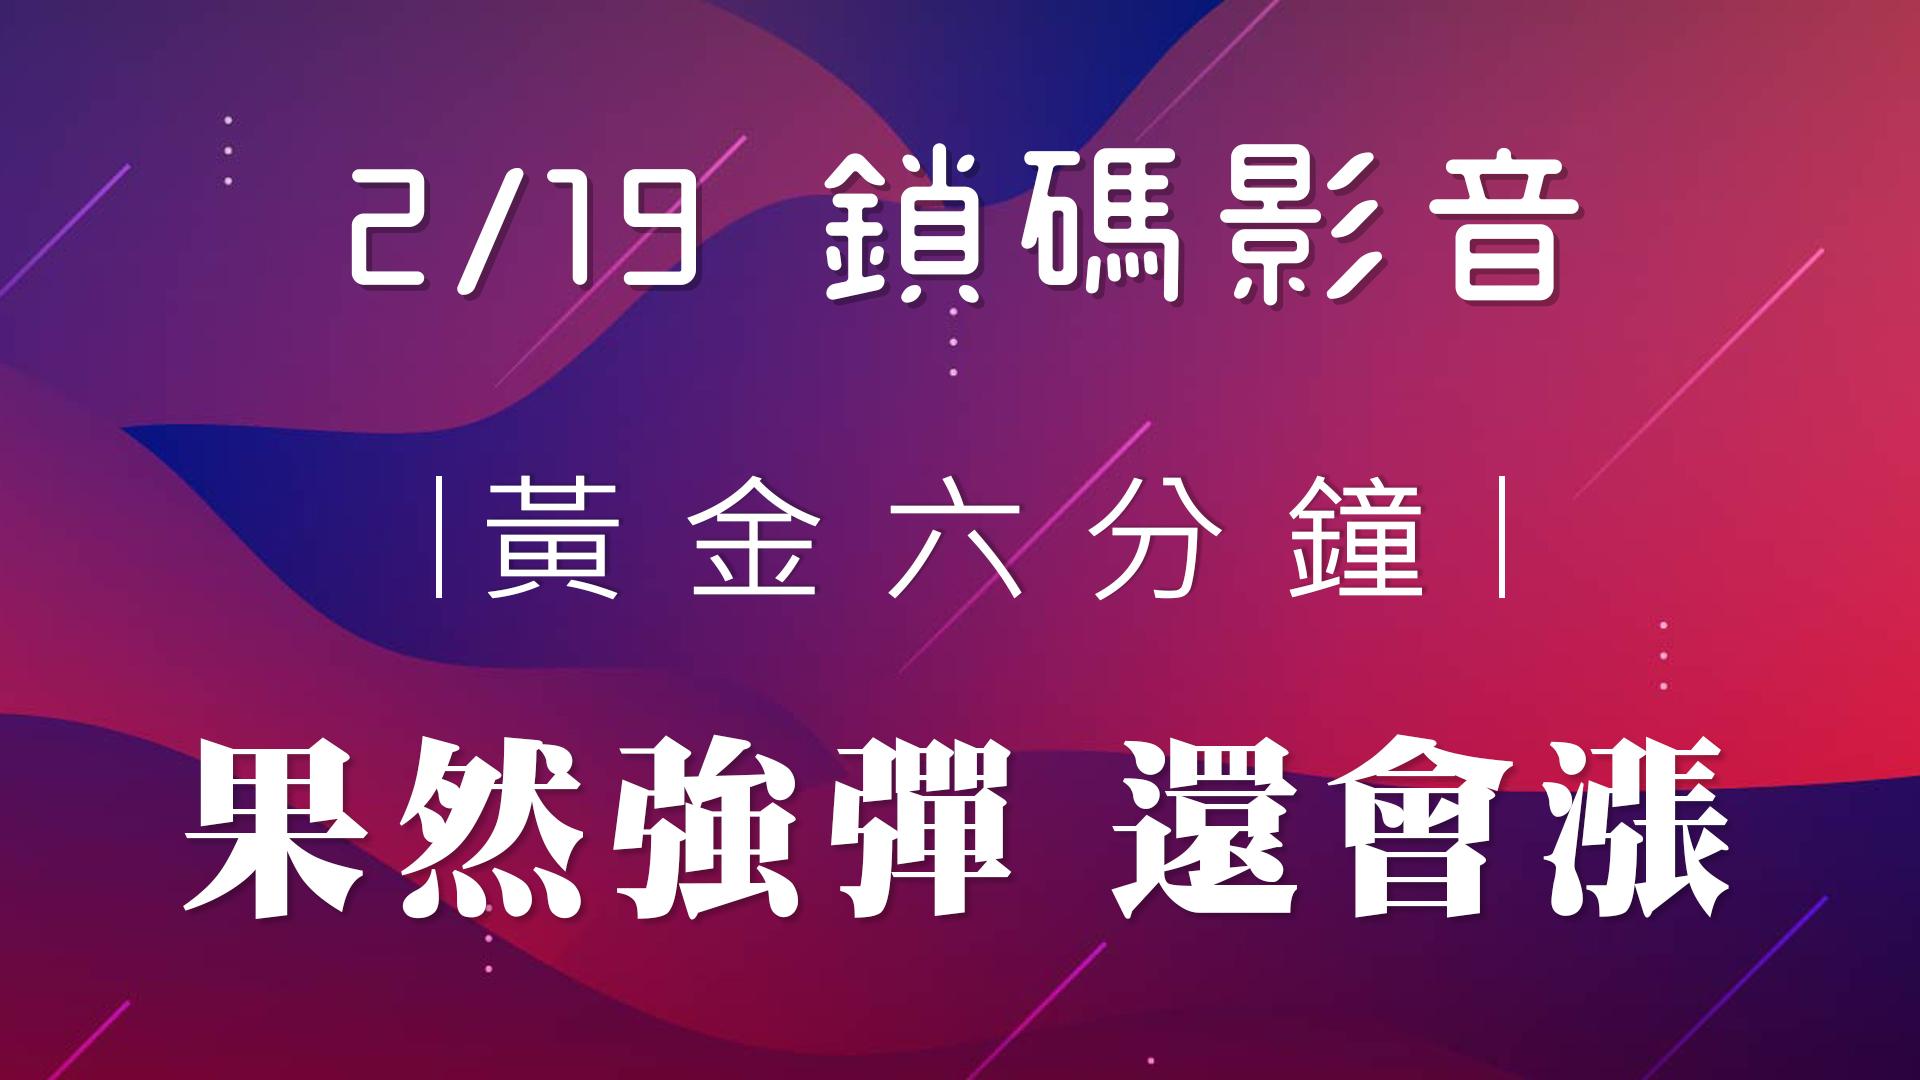 【王曈2020/02/19】鎖碼影音(試看)